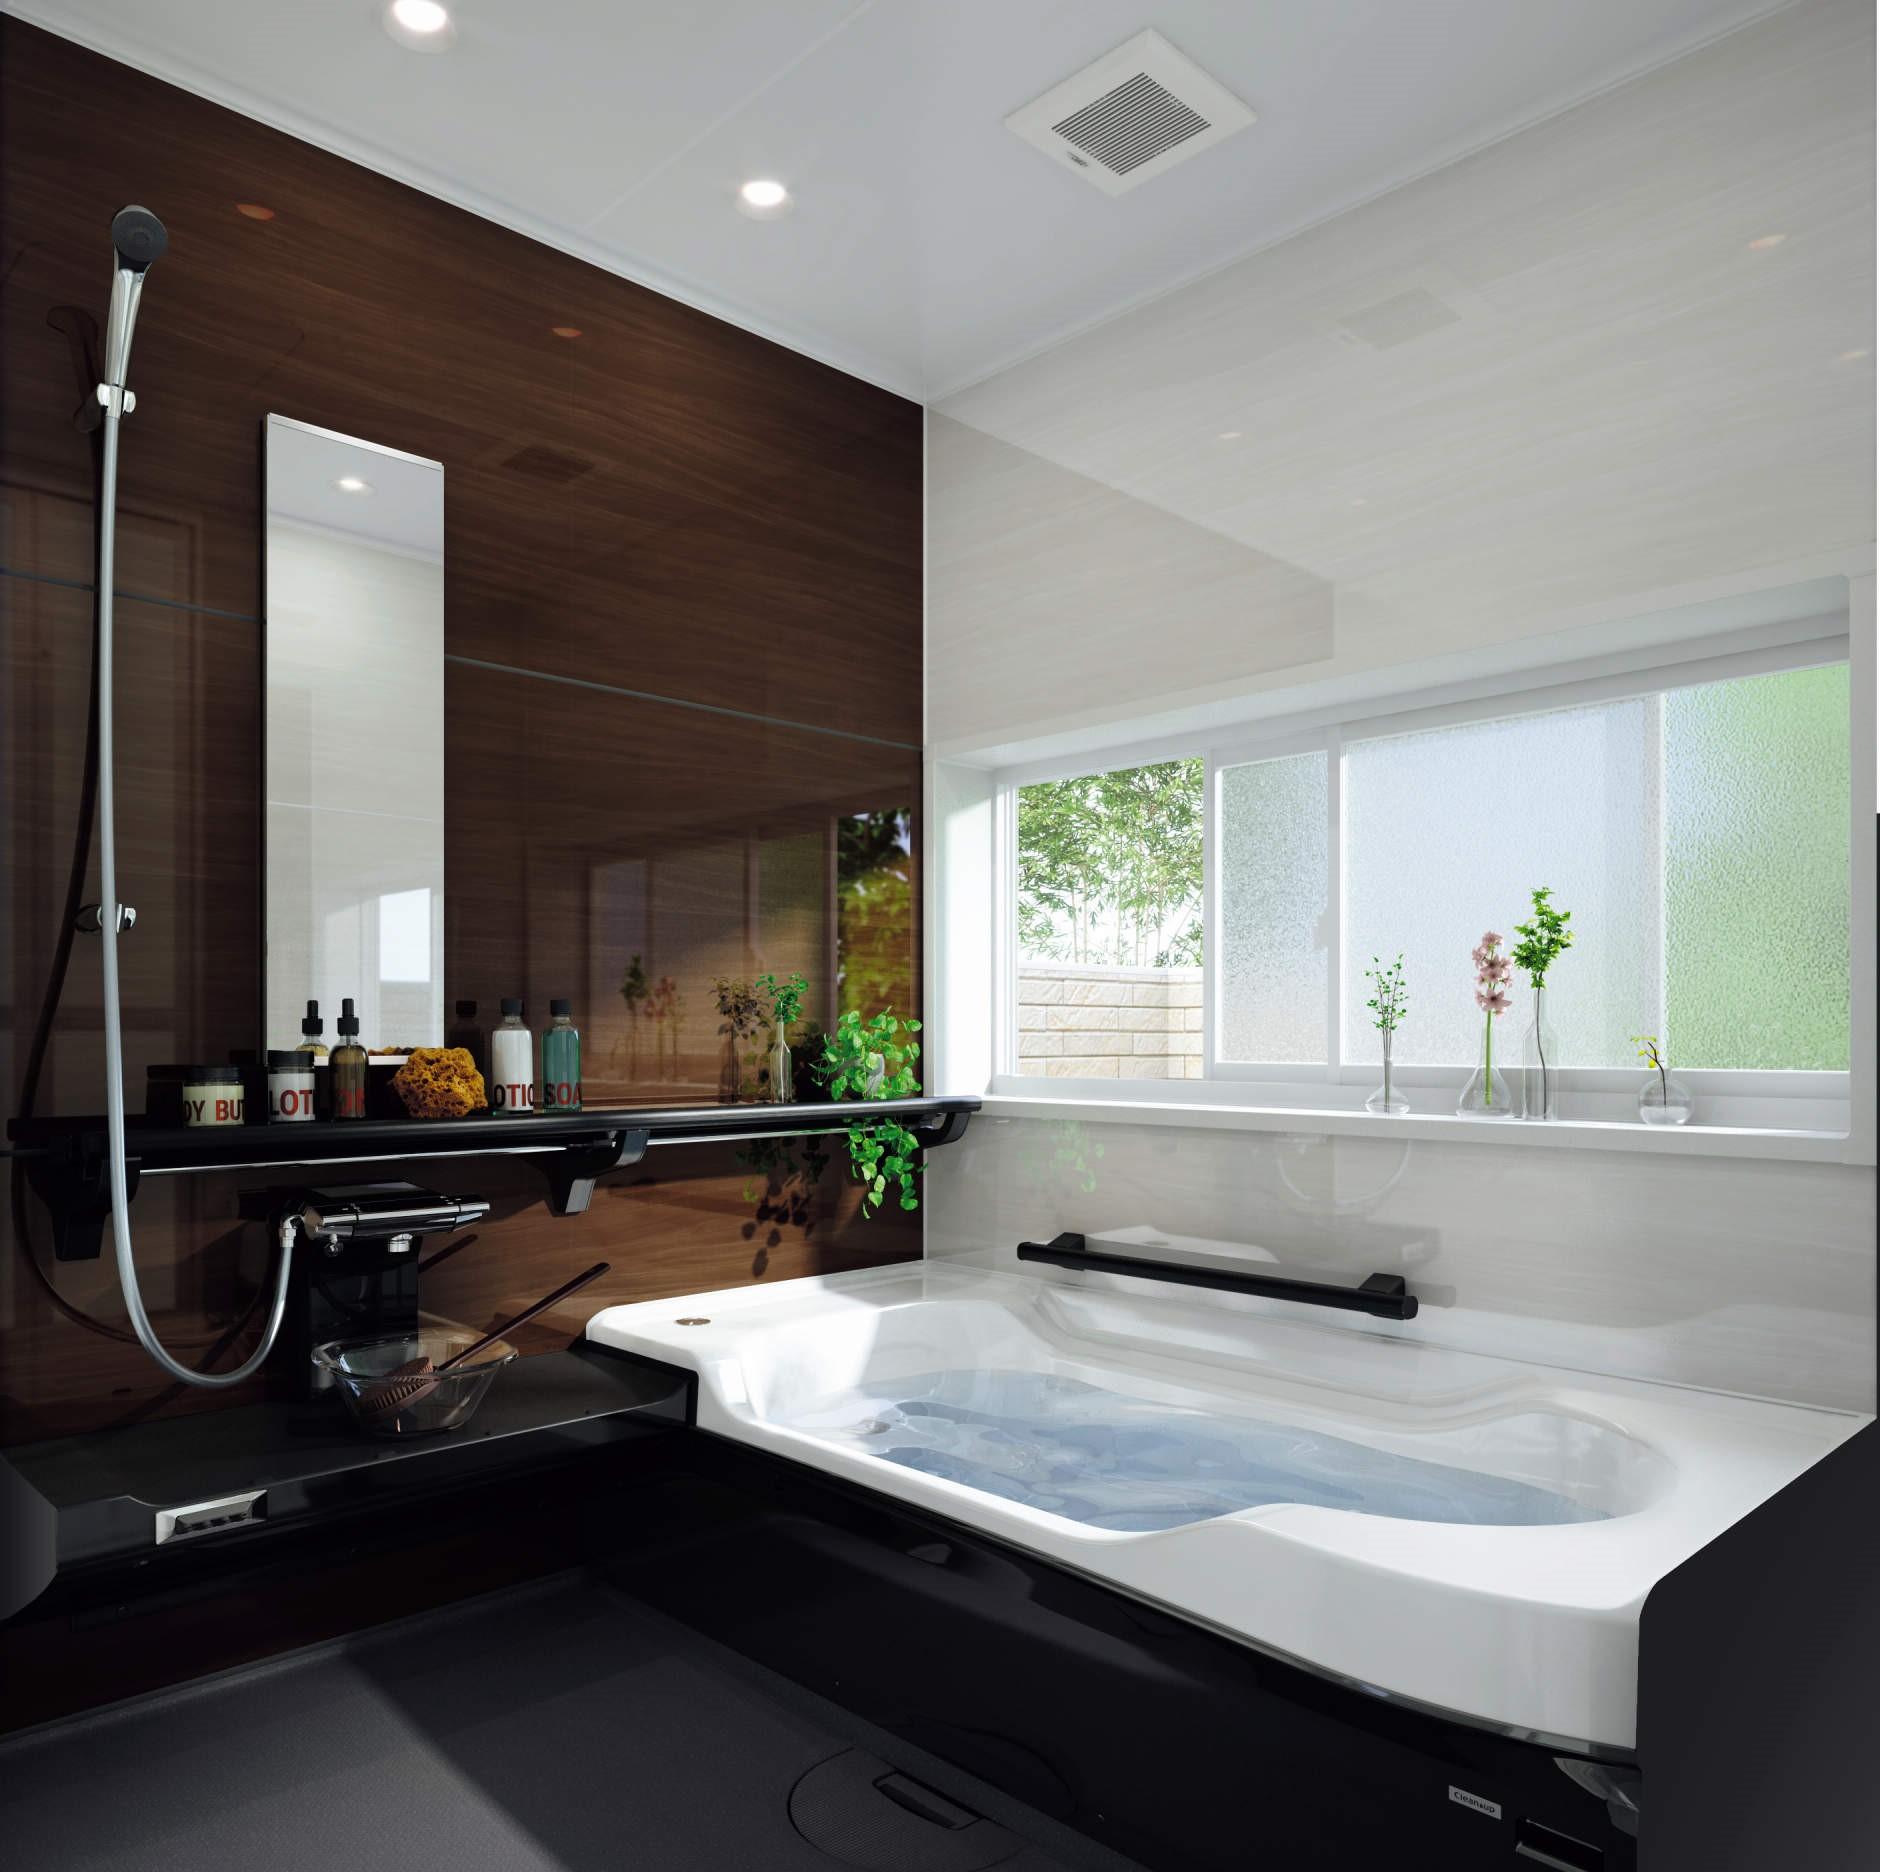 クリナップ バスルーム<br> アクリアバスの写真